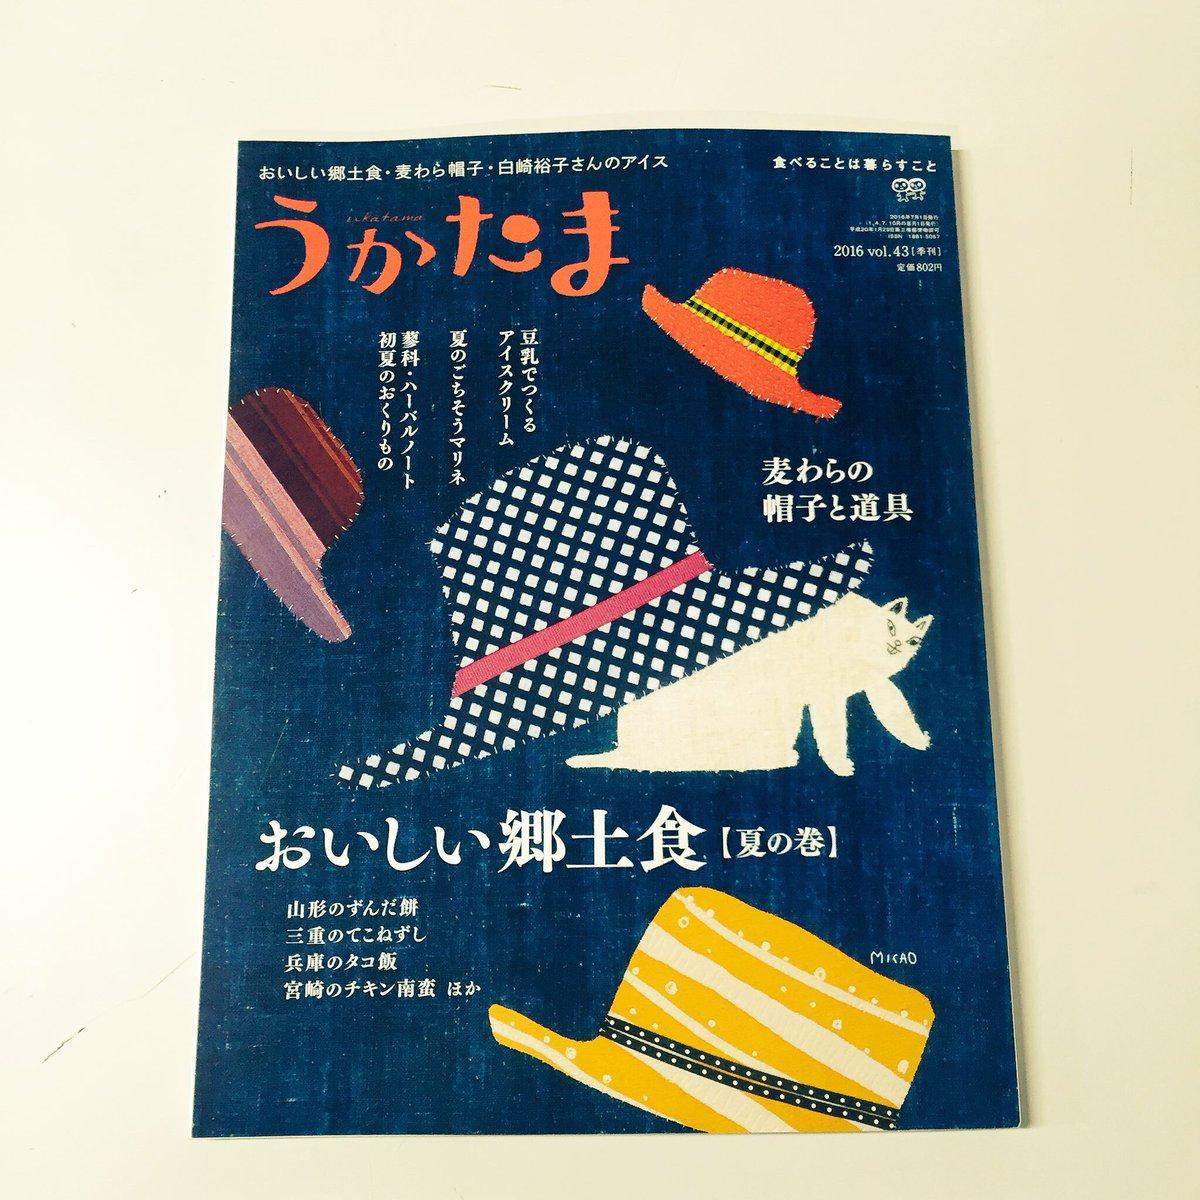 来週の金曜日発売のうかたま夏号が一足早く、編集部に届きました〜! 今回の特集はおいしい郷土食【夏の巻】。つくって食べれば一冊で日本各地を旅行した気持ちに◎ 涼しげな藍色の布が目印です。#うかたま #43号 https://t.co/HAIfPXIOa7